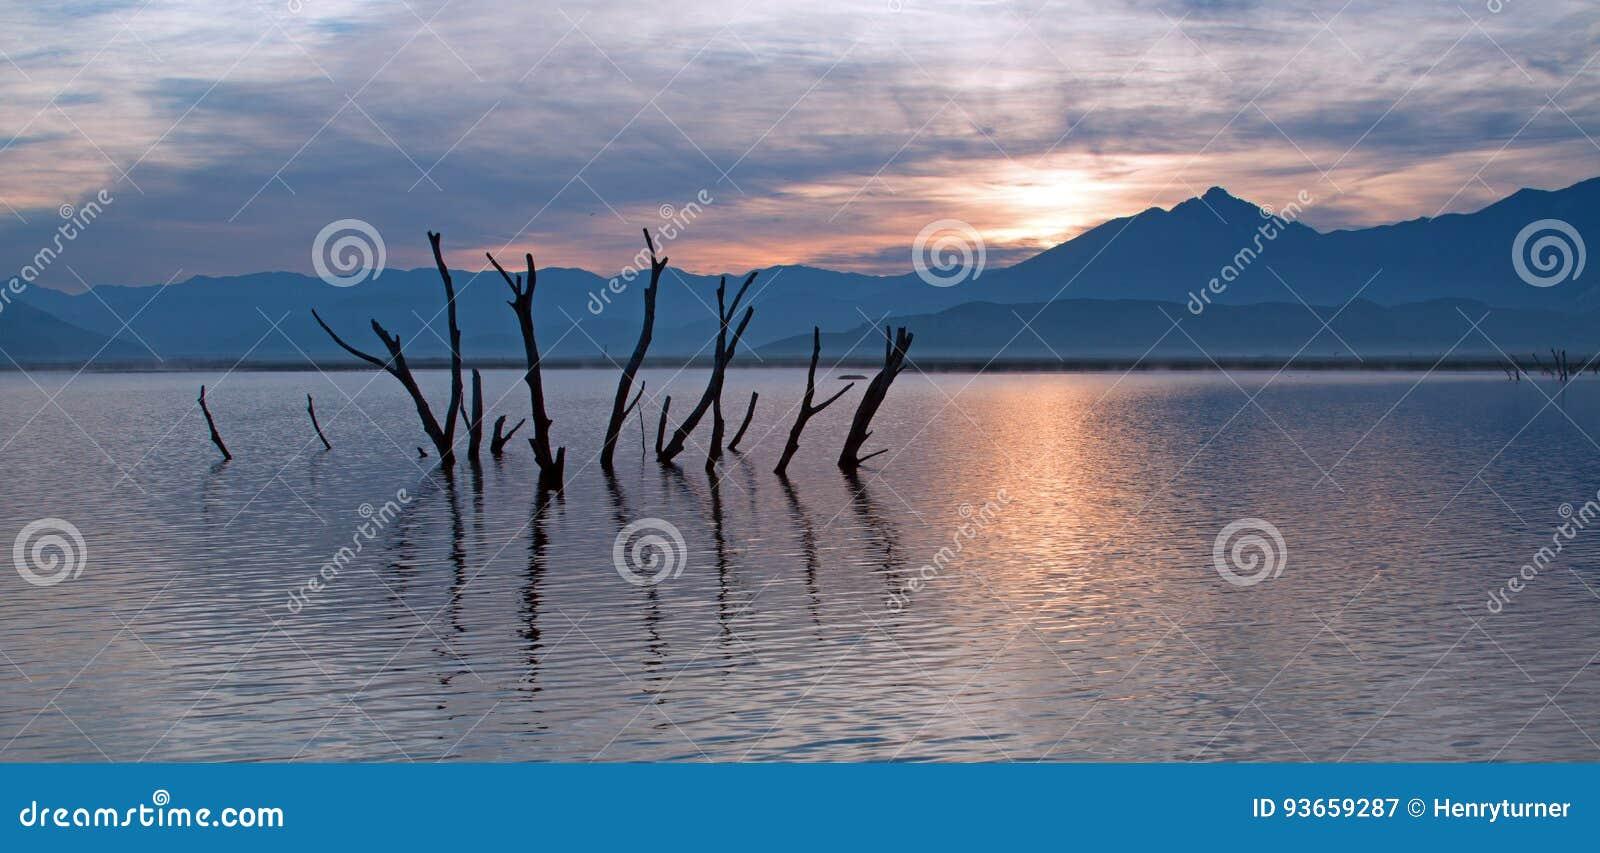 Νεκροί κορμοί και κλάδοι δέντρων που σπρώχνουν από την πληγείσα από την ξηρασία λίμνη Isabella στην ανατολή στην οροσειρά βουνά τ